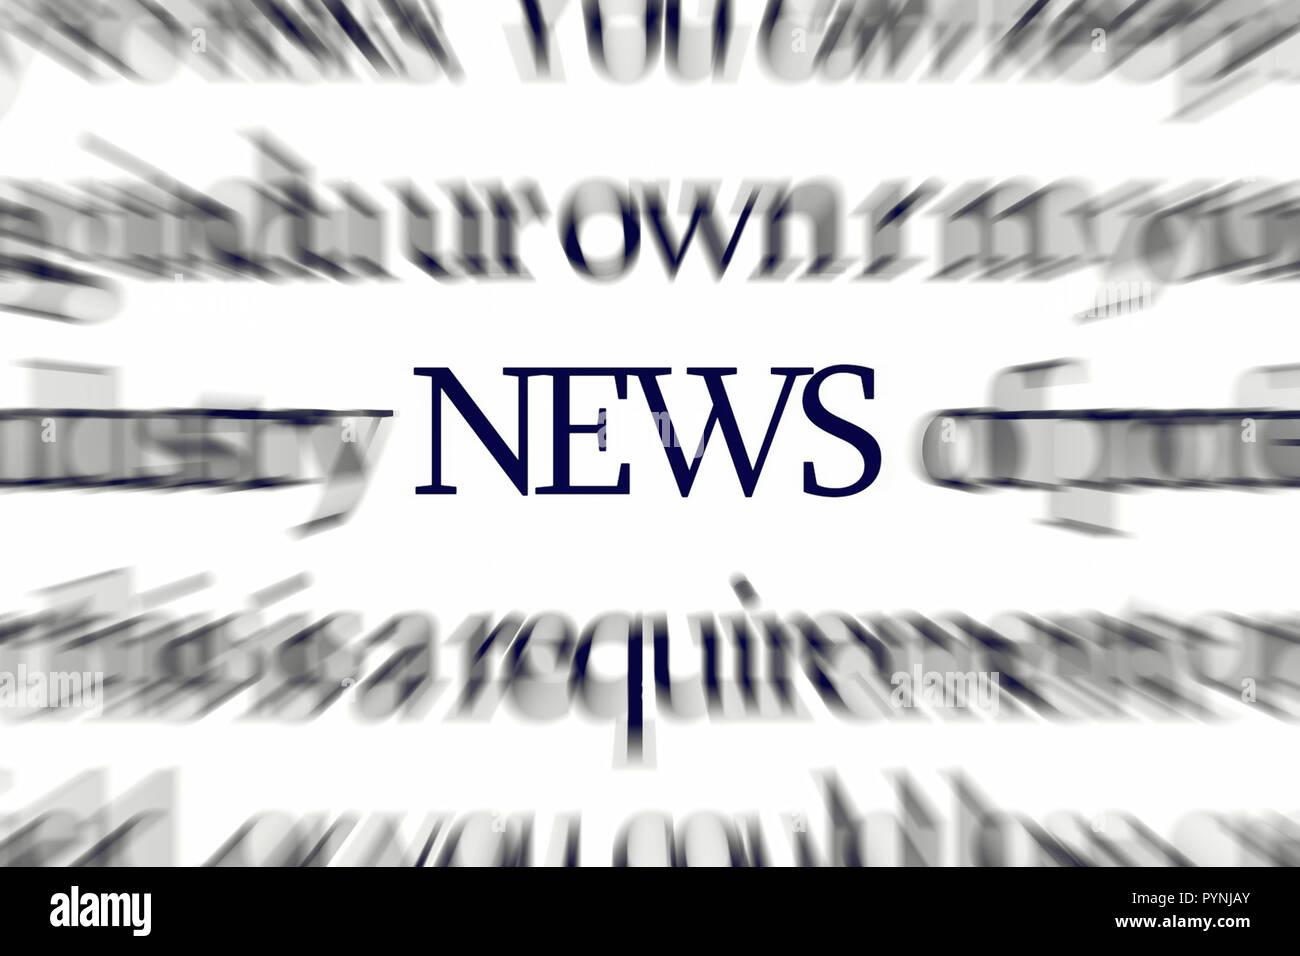 La palabra noticias con desenfoque dinámico atrayendo la atención Imagen De Stock